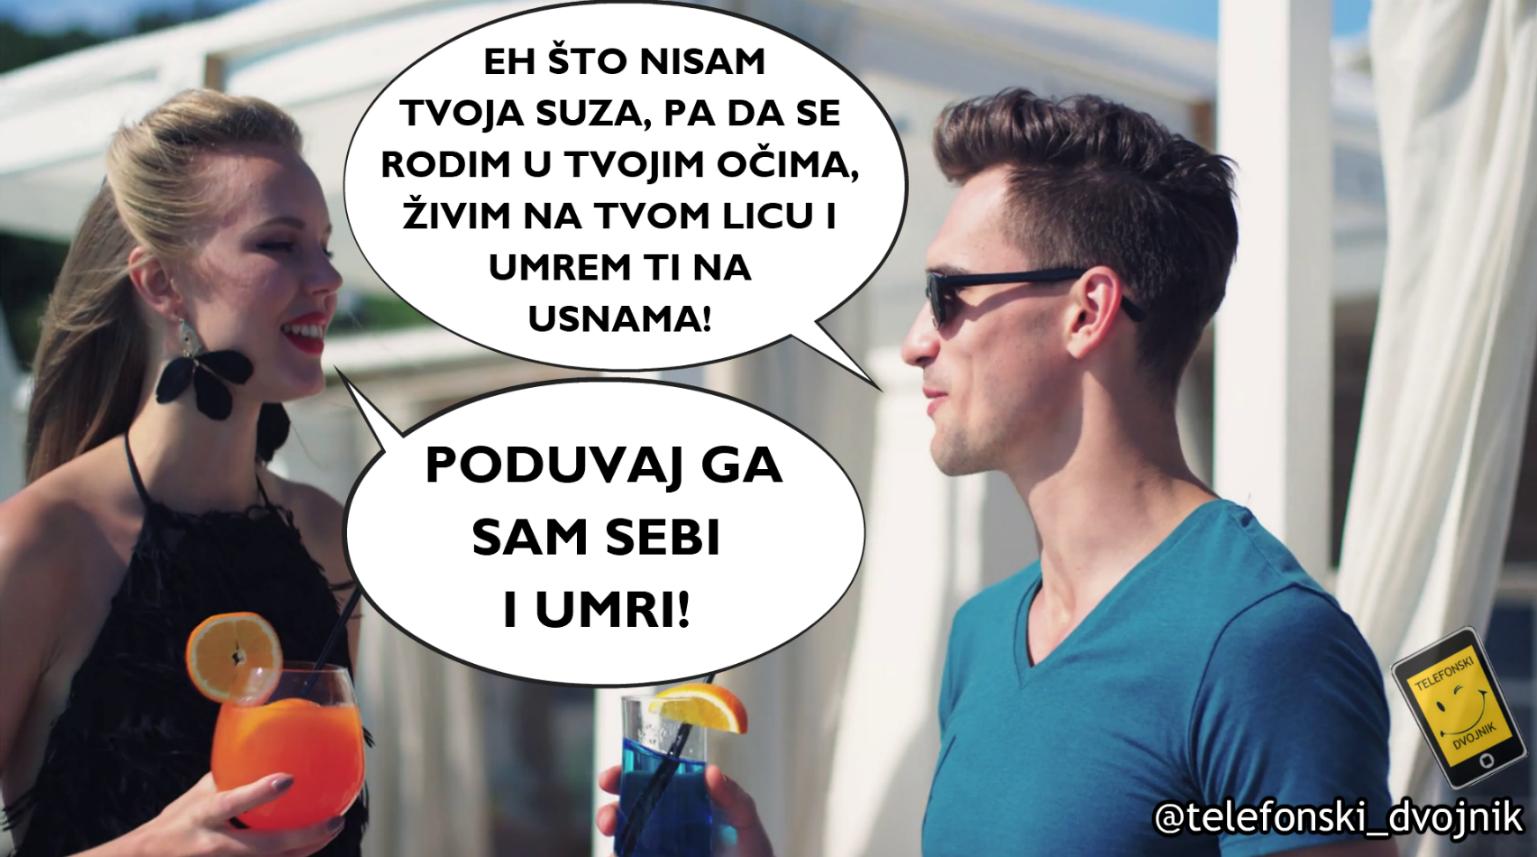 #poezija #muvanje #srpski #memes #telefonski_dvojnik